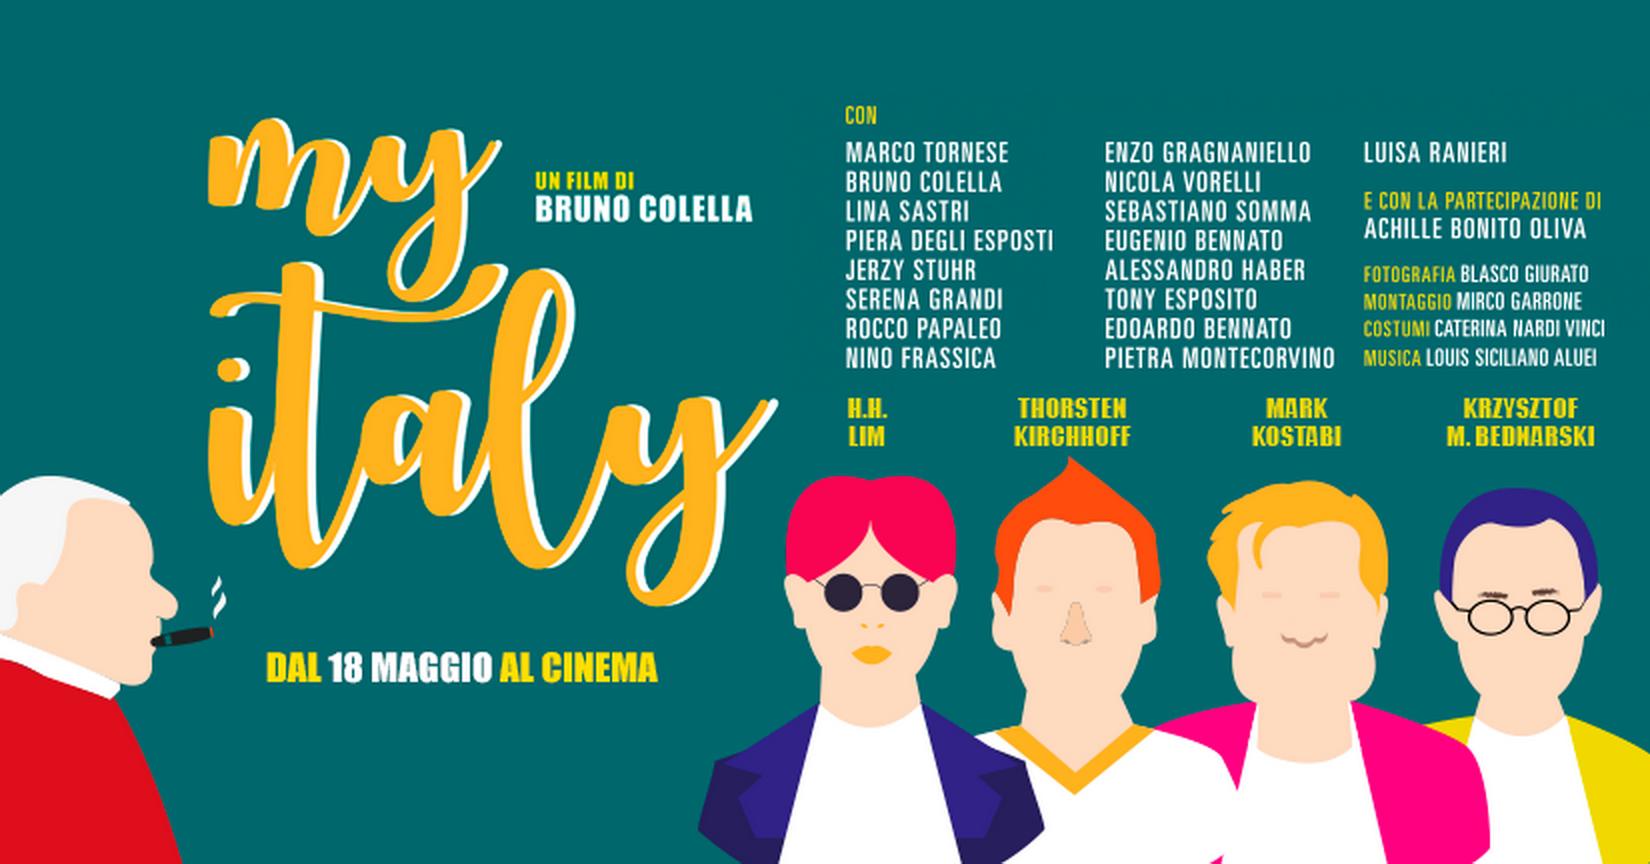 My Italy - Bruno Colella - banner